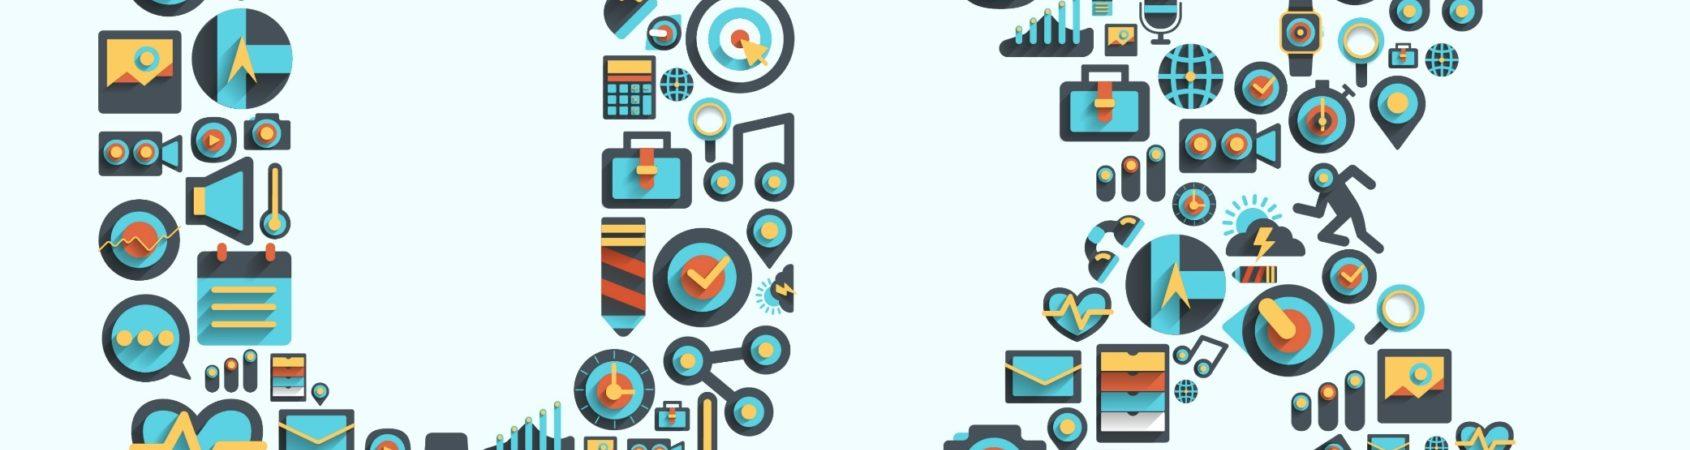 50 trucs pour optimiser votre expérience utilisateur web